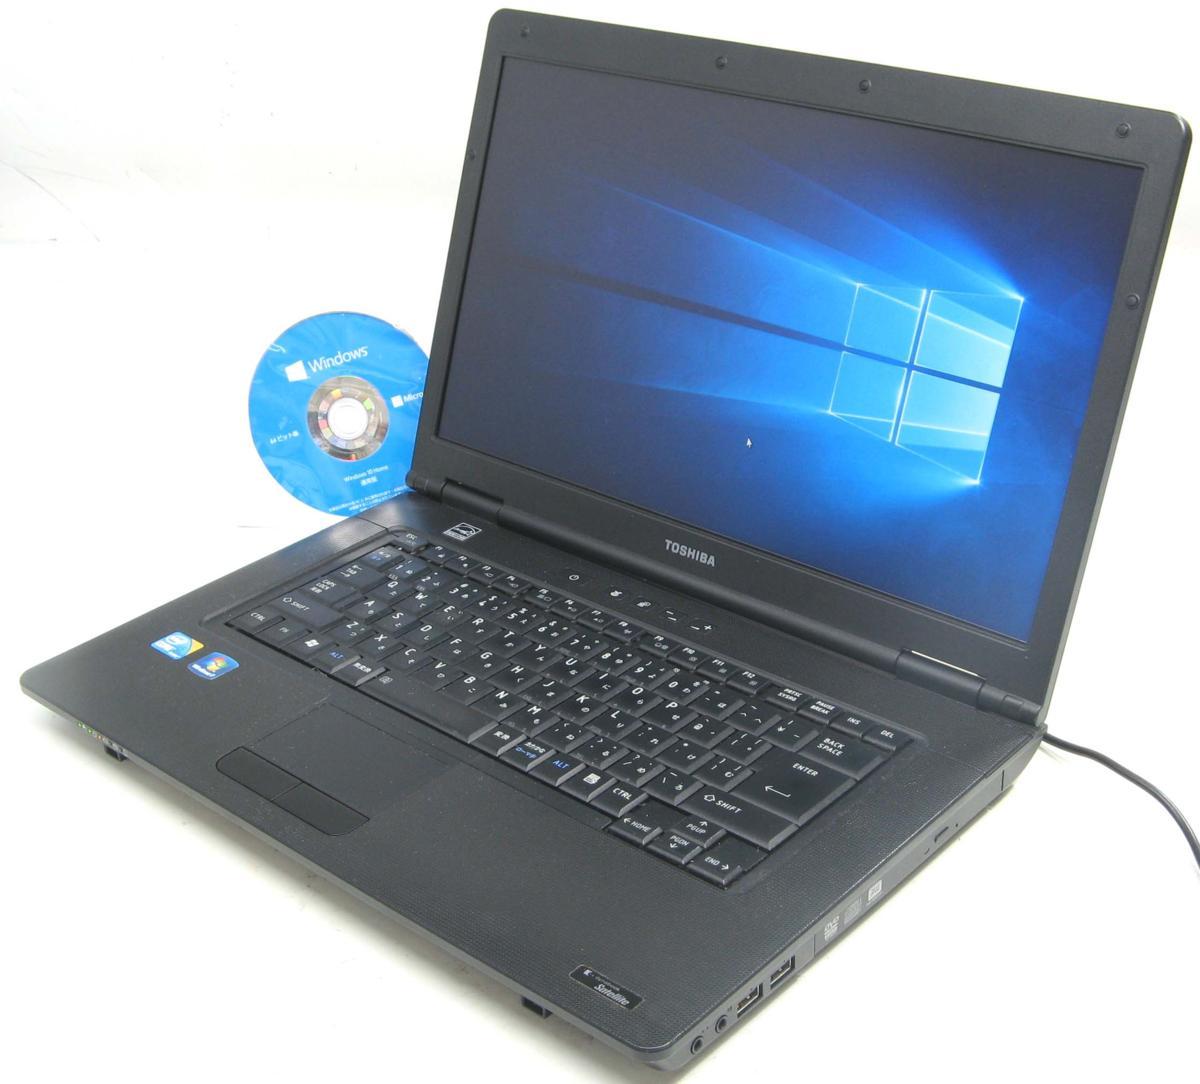 中古ノートパソコン 東芝 Satellite B650/B PB650BBDNS7A53(東芝 Windows10(MRR)付 Corei5 DVDスーパーマルチドライブ)【中古】【中古パソコン/中古PC】